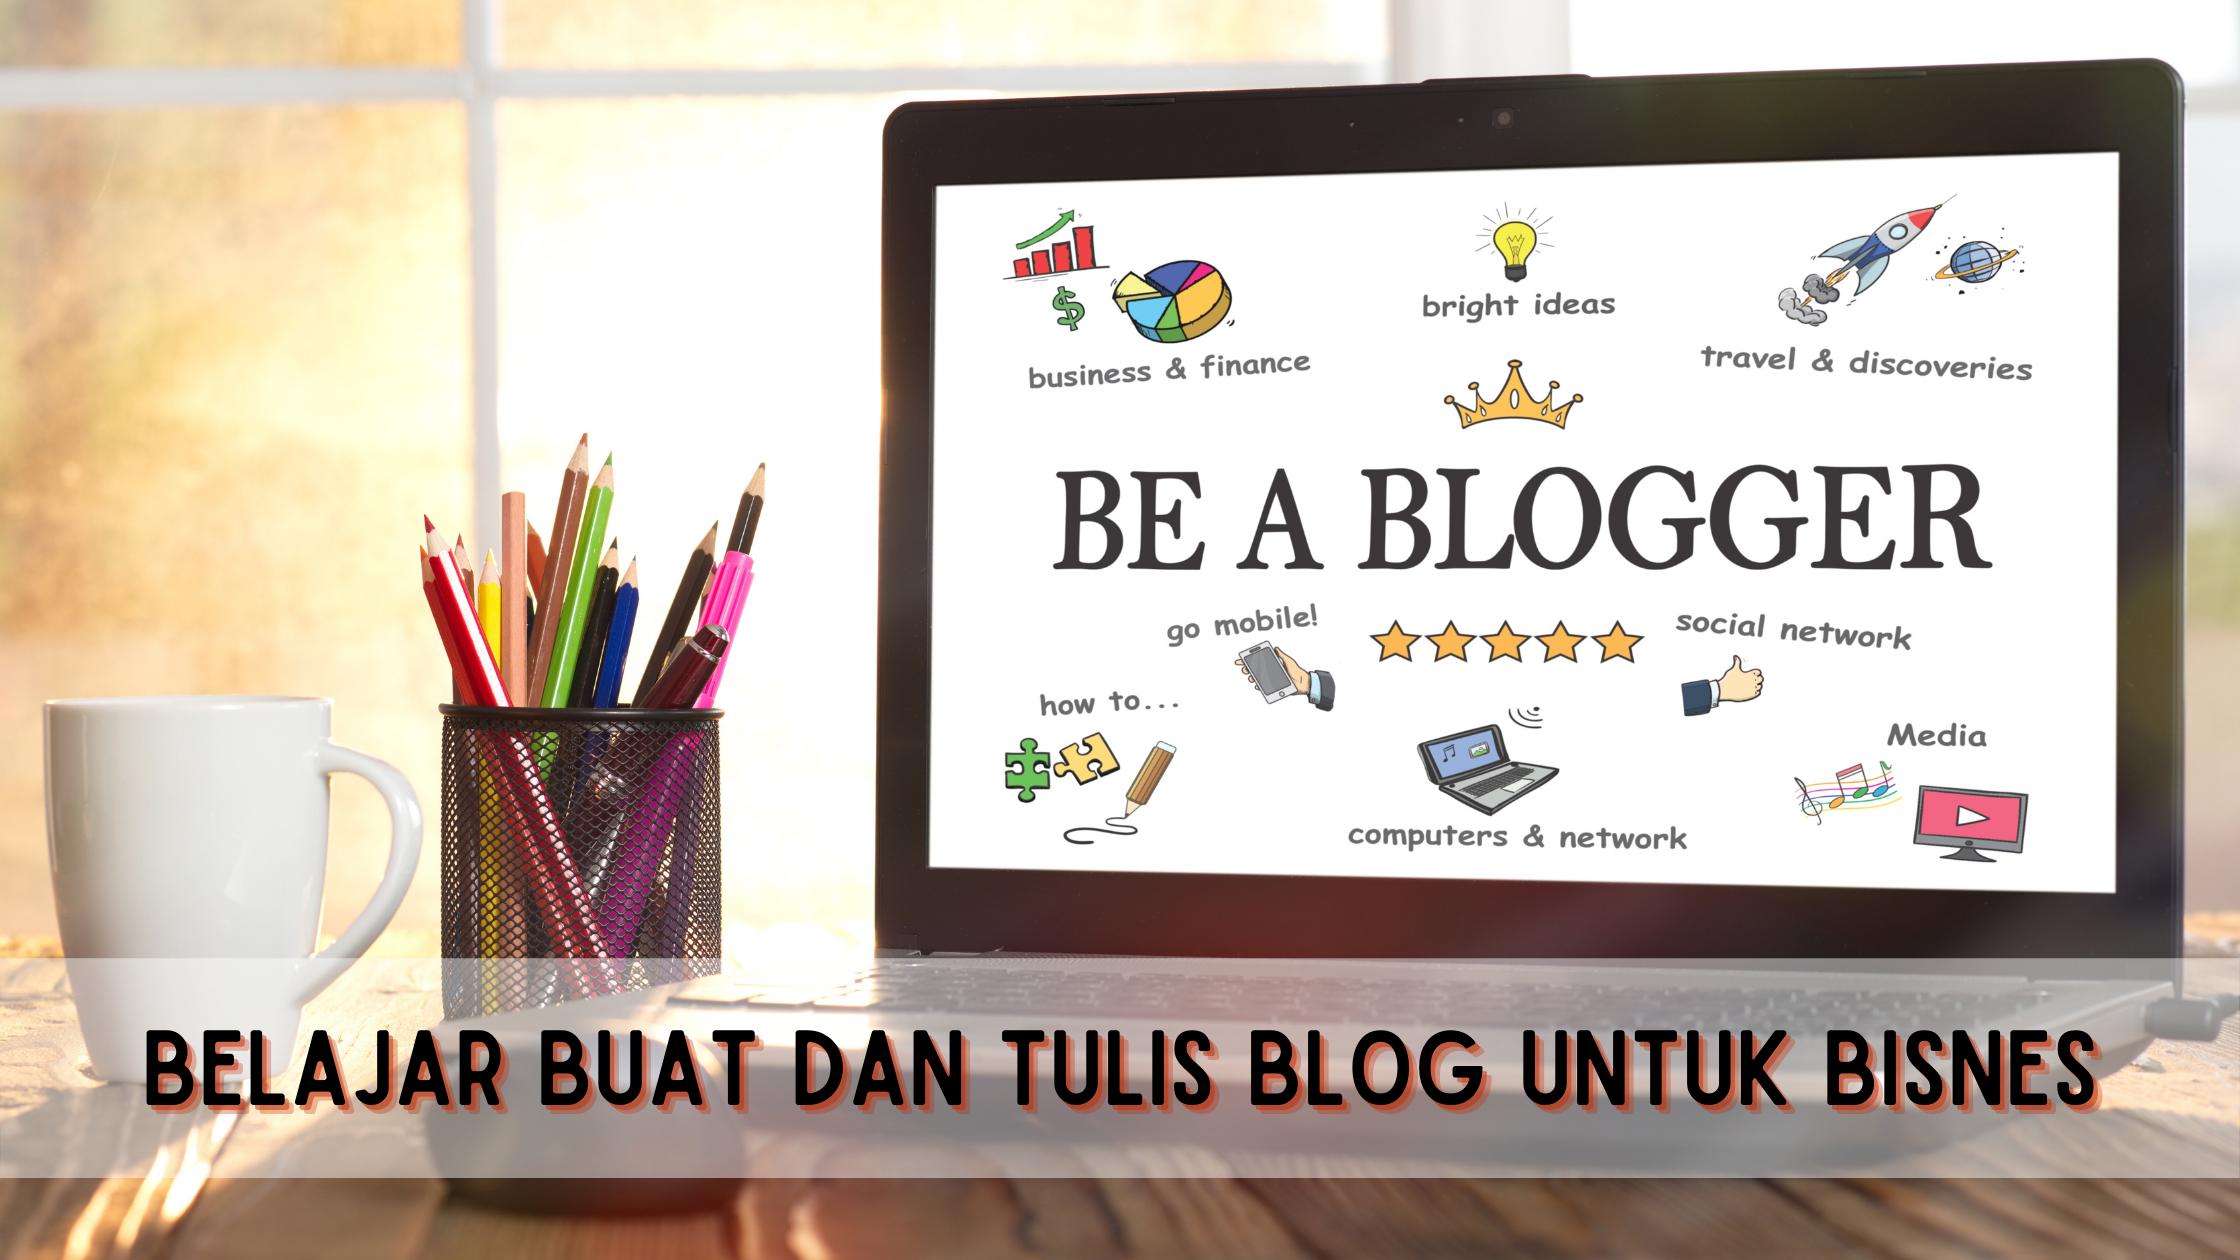 kelas belajar buat blog featured